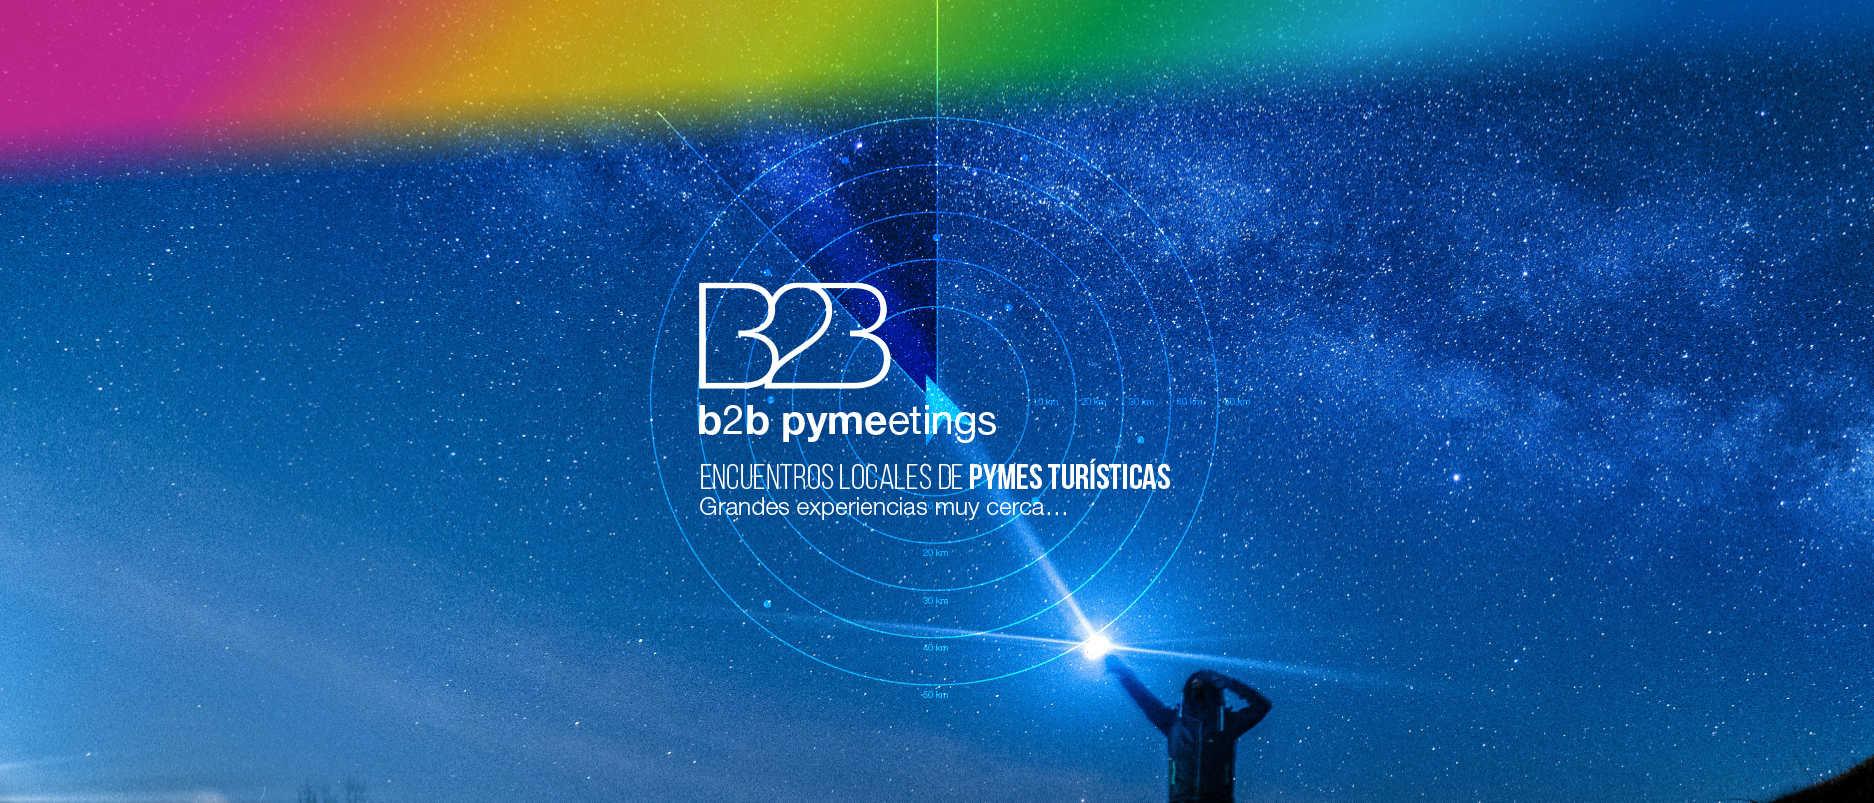 B2B pymeetings